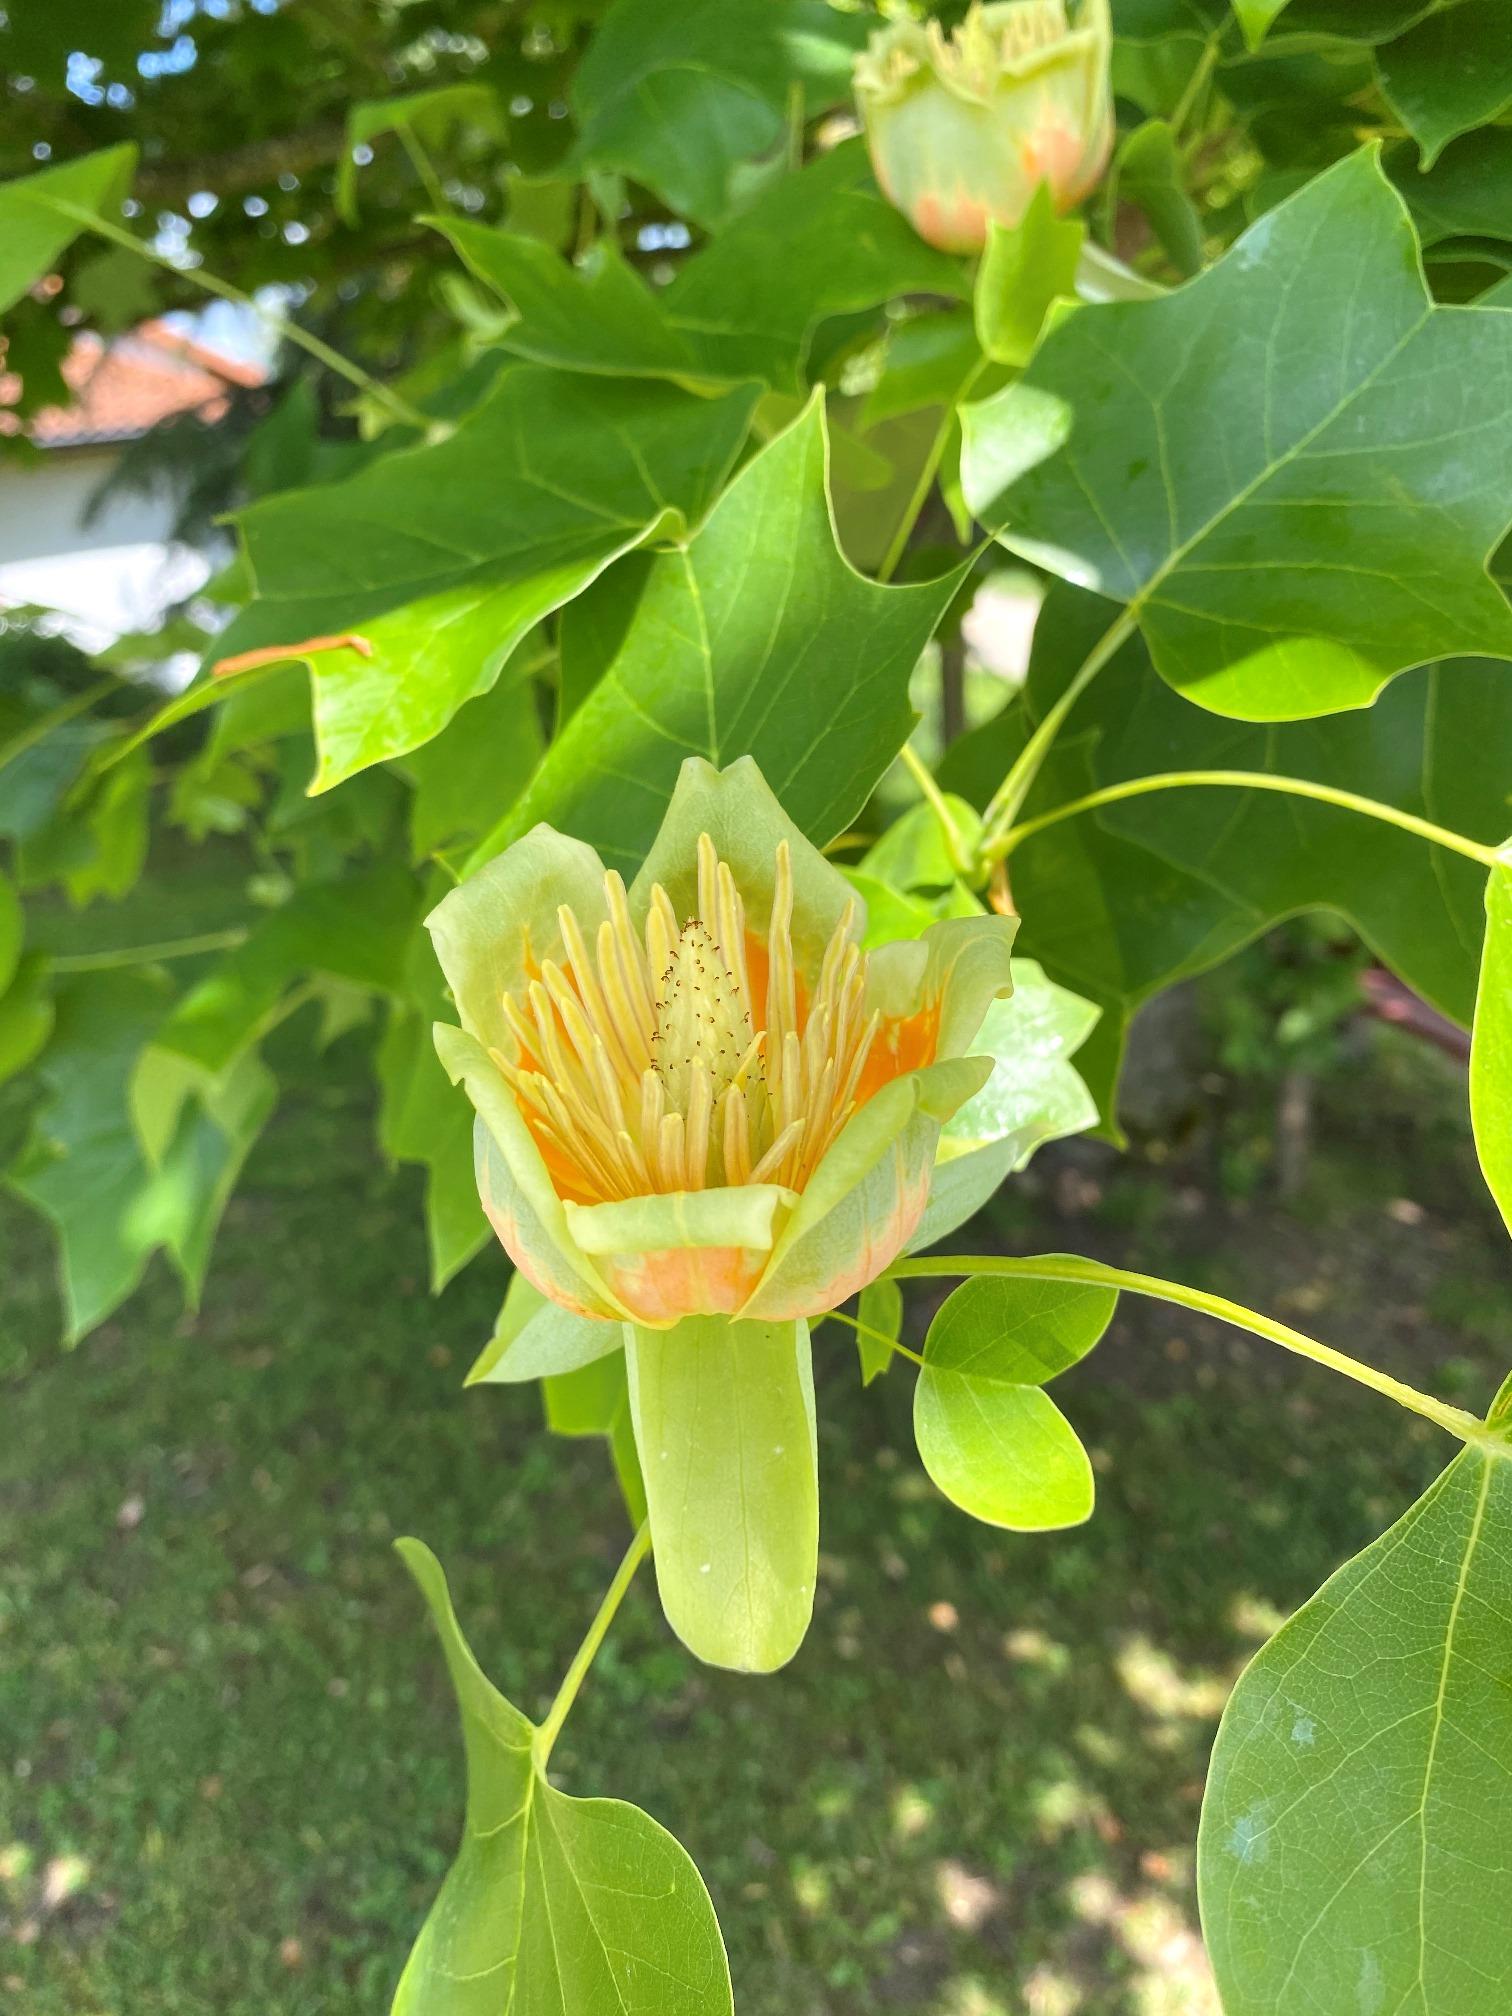 Tulpenbaum - Blüte